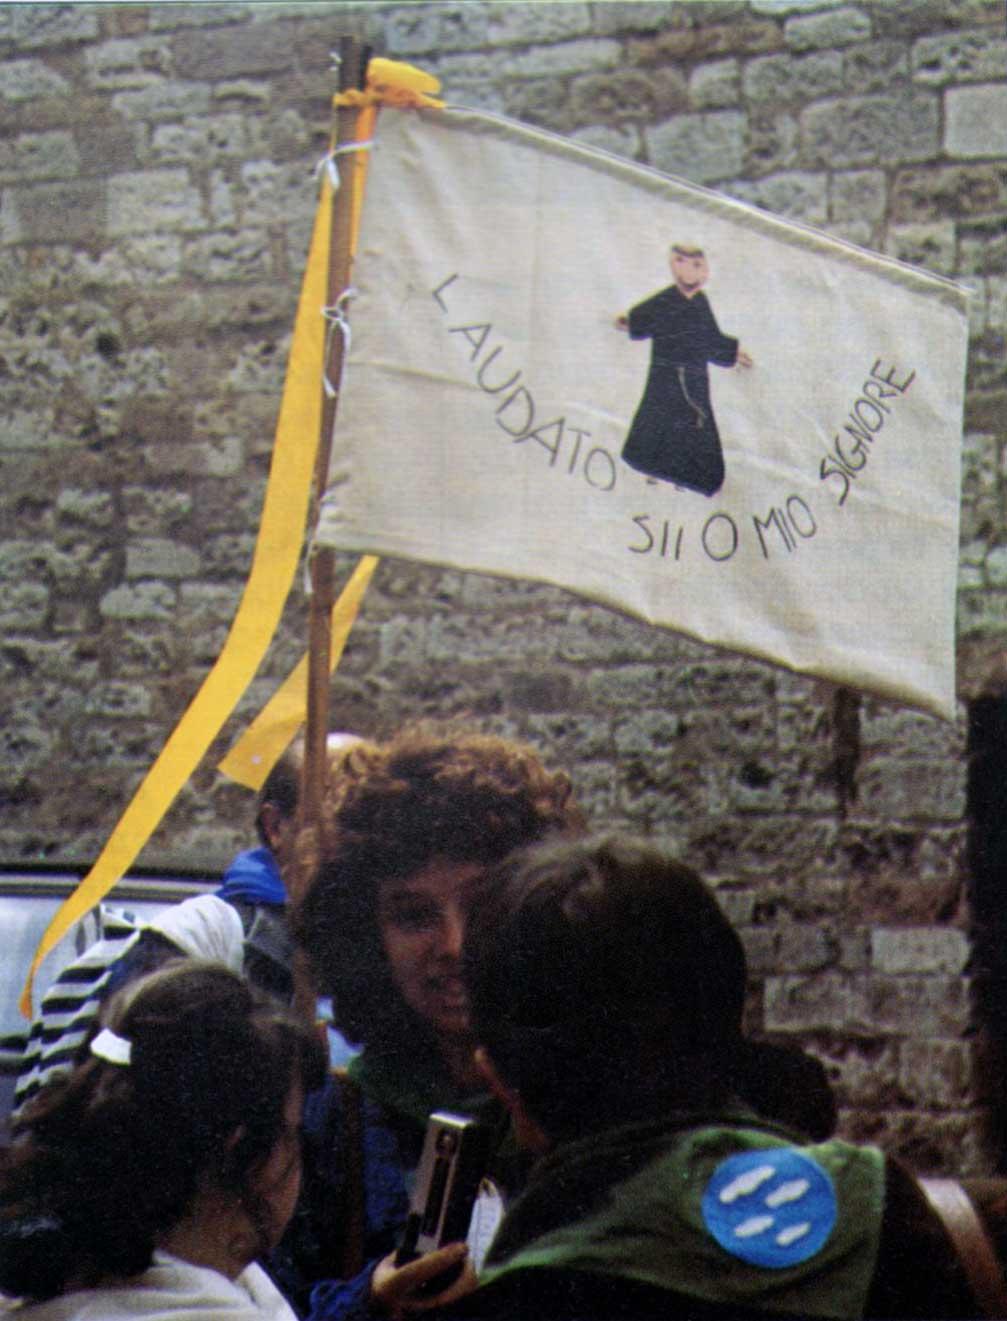 002 - Le foto del pellegrinaggio di Assisi 1986 - 002 - Ombre e Luci n.14, 1986